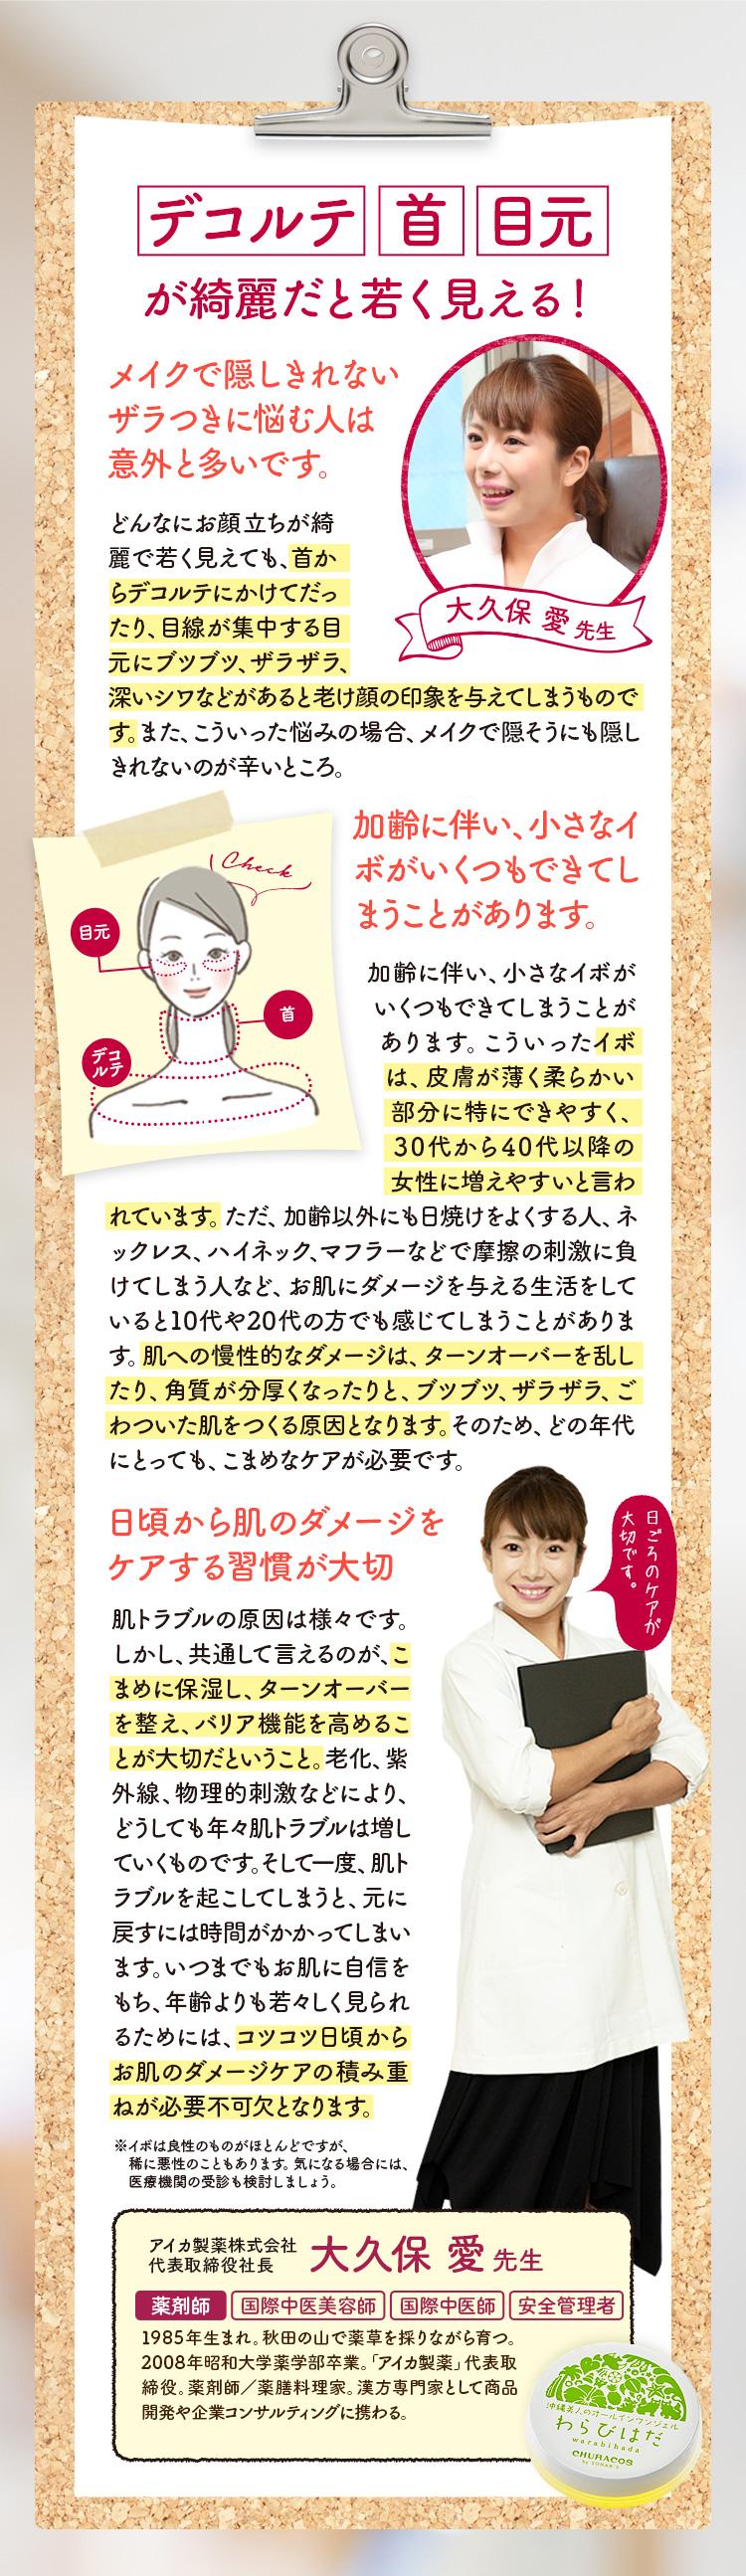 わらび肌 皮膚科の先生もびっくり!保湿をしっかりとし、予防することが大事